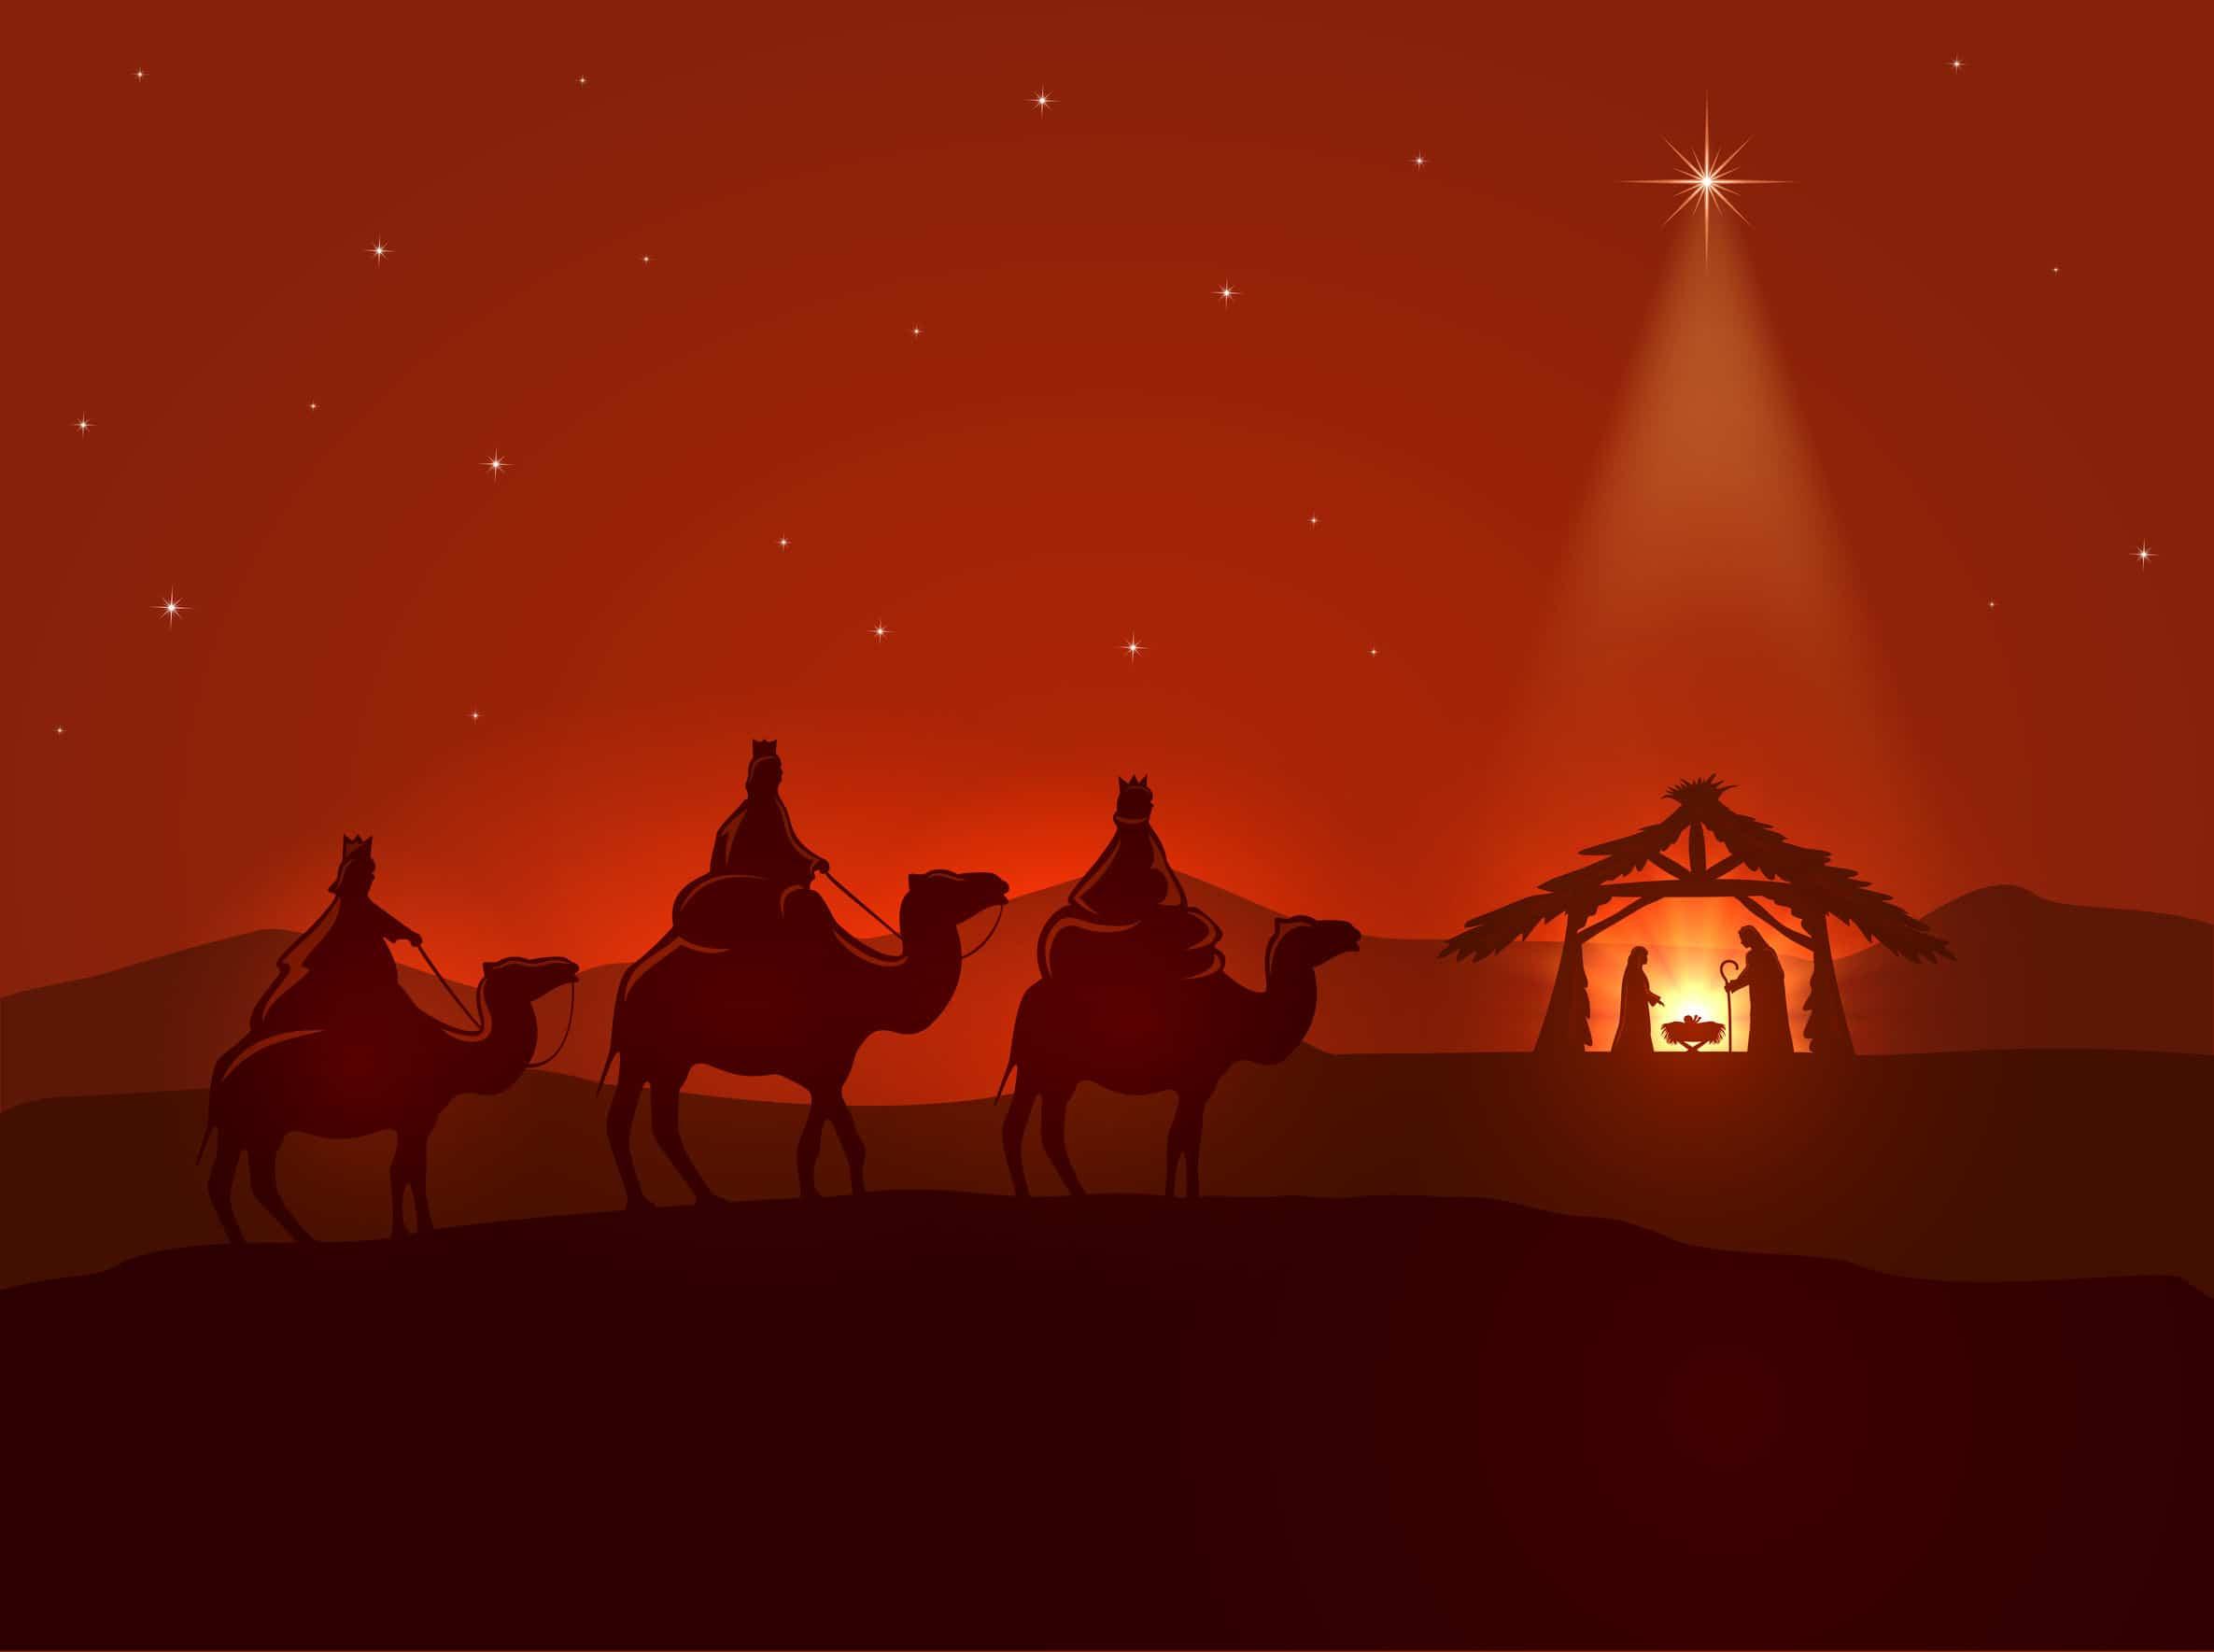 Noche de navidad cristiana, estrella brillante, reyes magos y el nacimiento de jesús, ilustración.